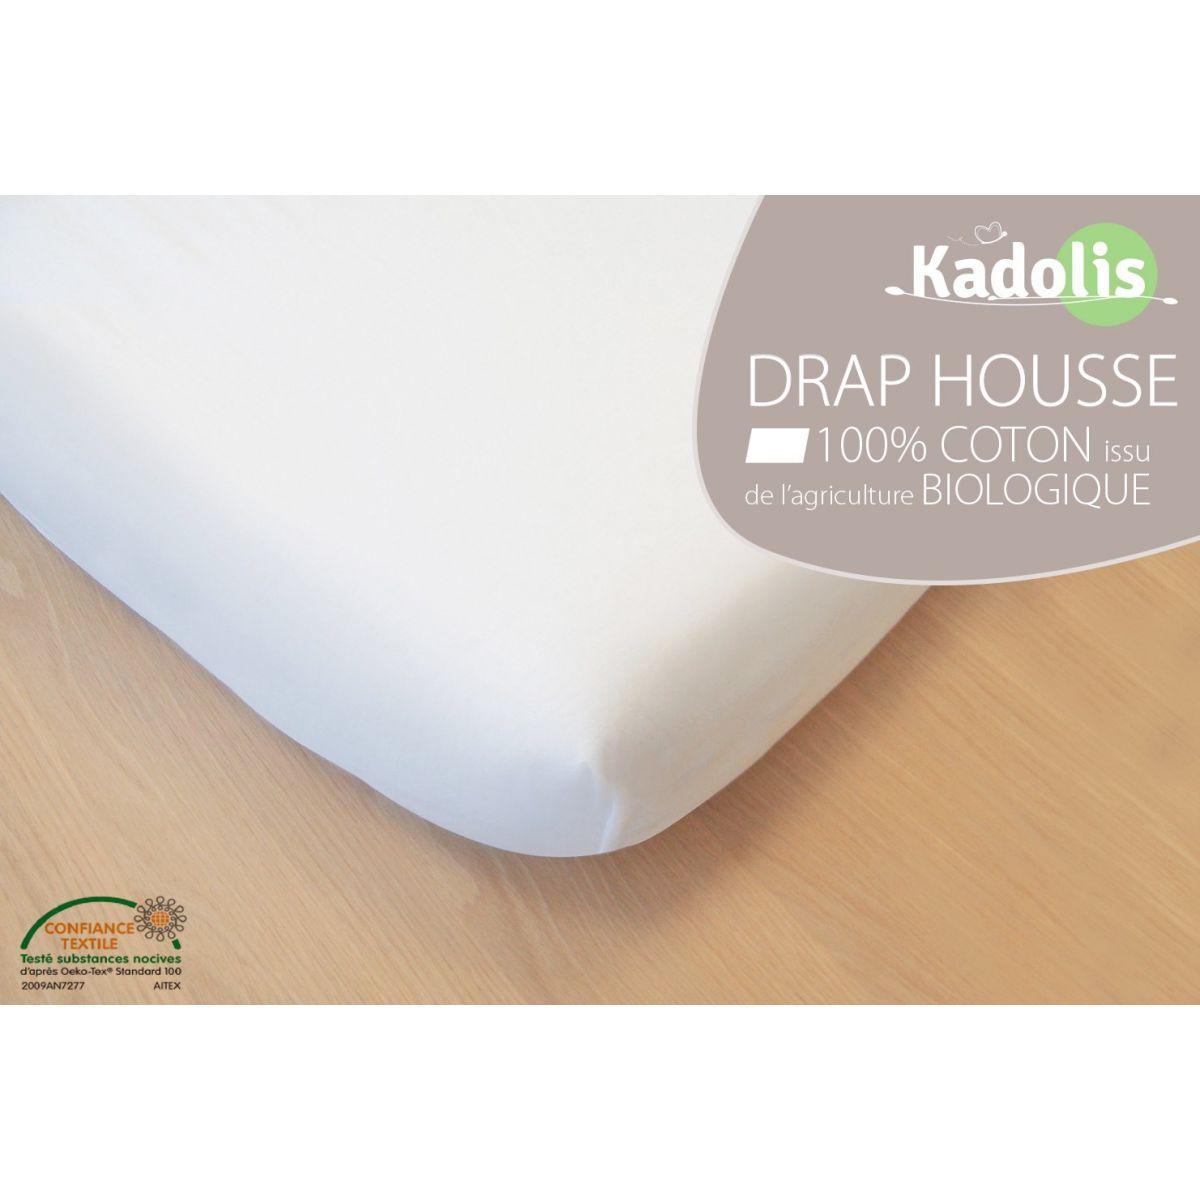 Coloris Ecru Kadolis Drap Housse Coton Bio 40x80cm et 40x90cm Dif